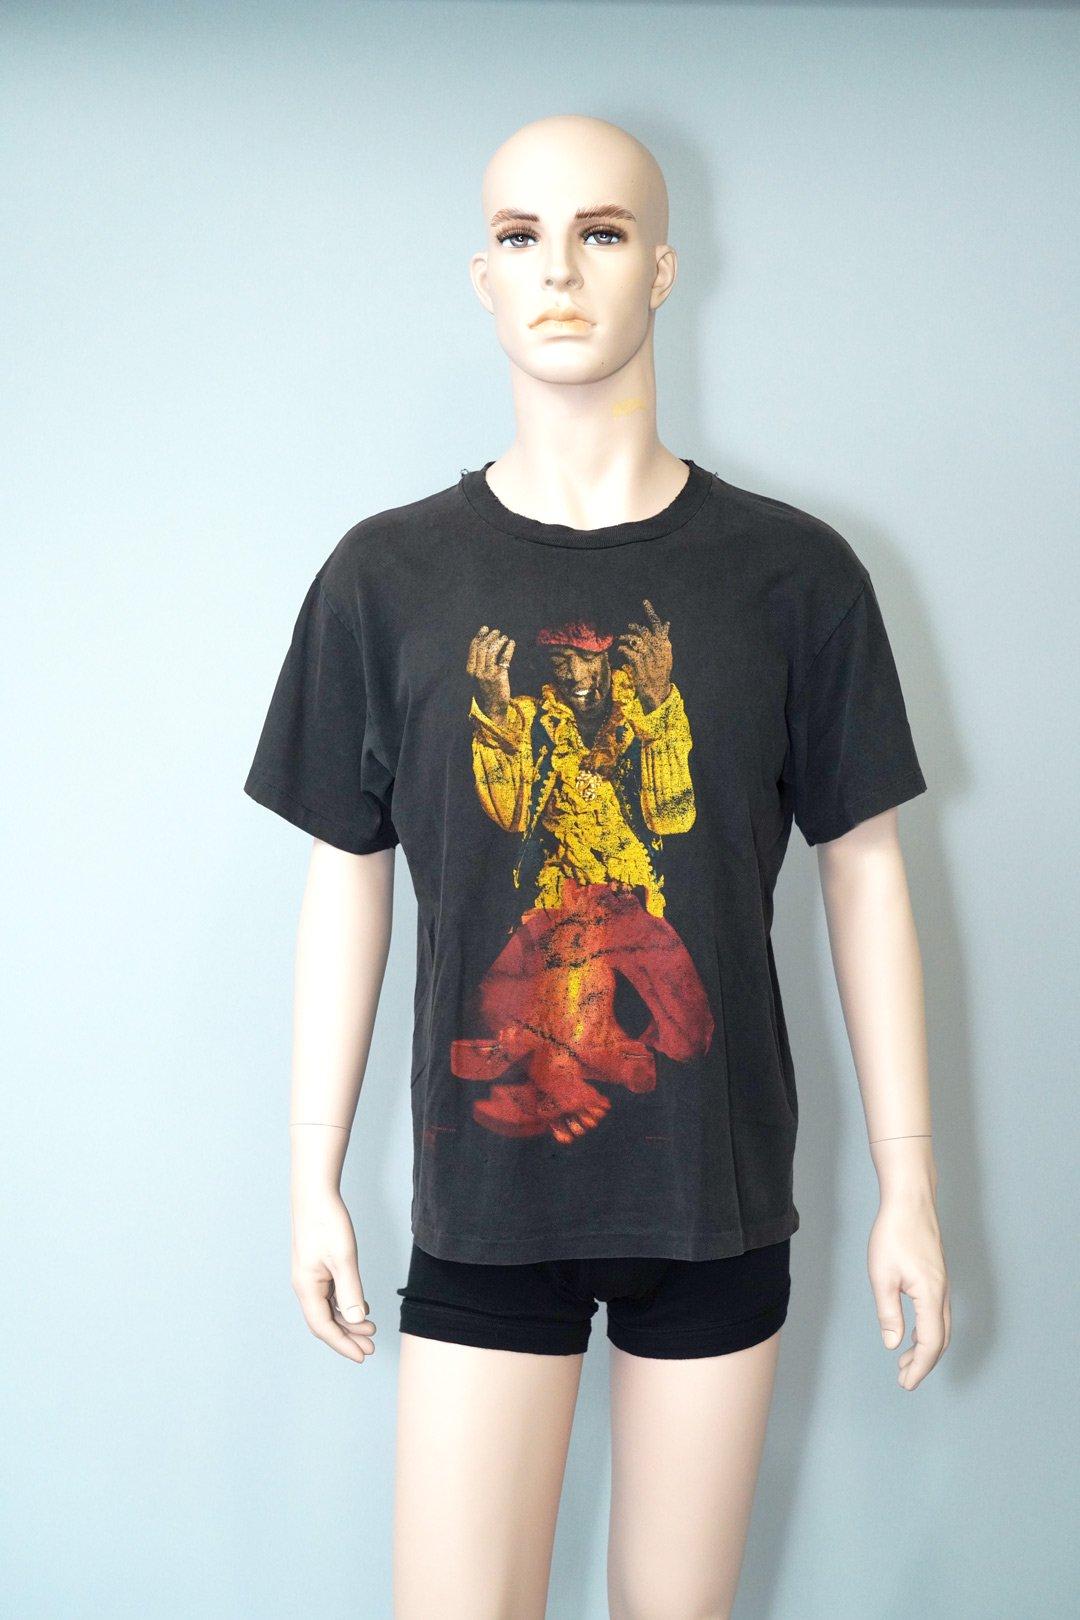 Vintage Jimi Hendrix 91' T-Shirt